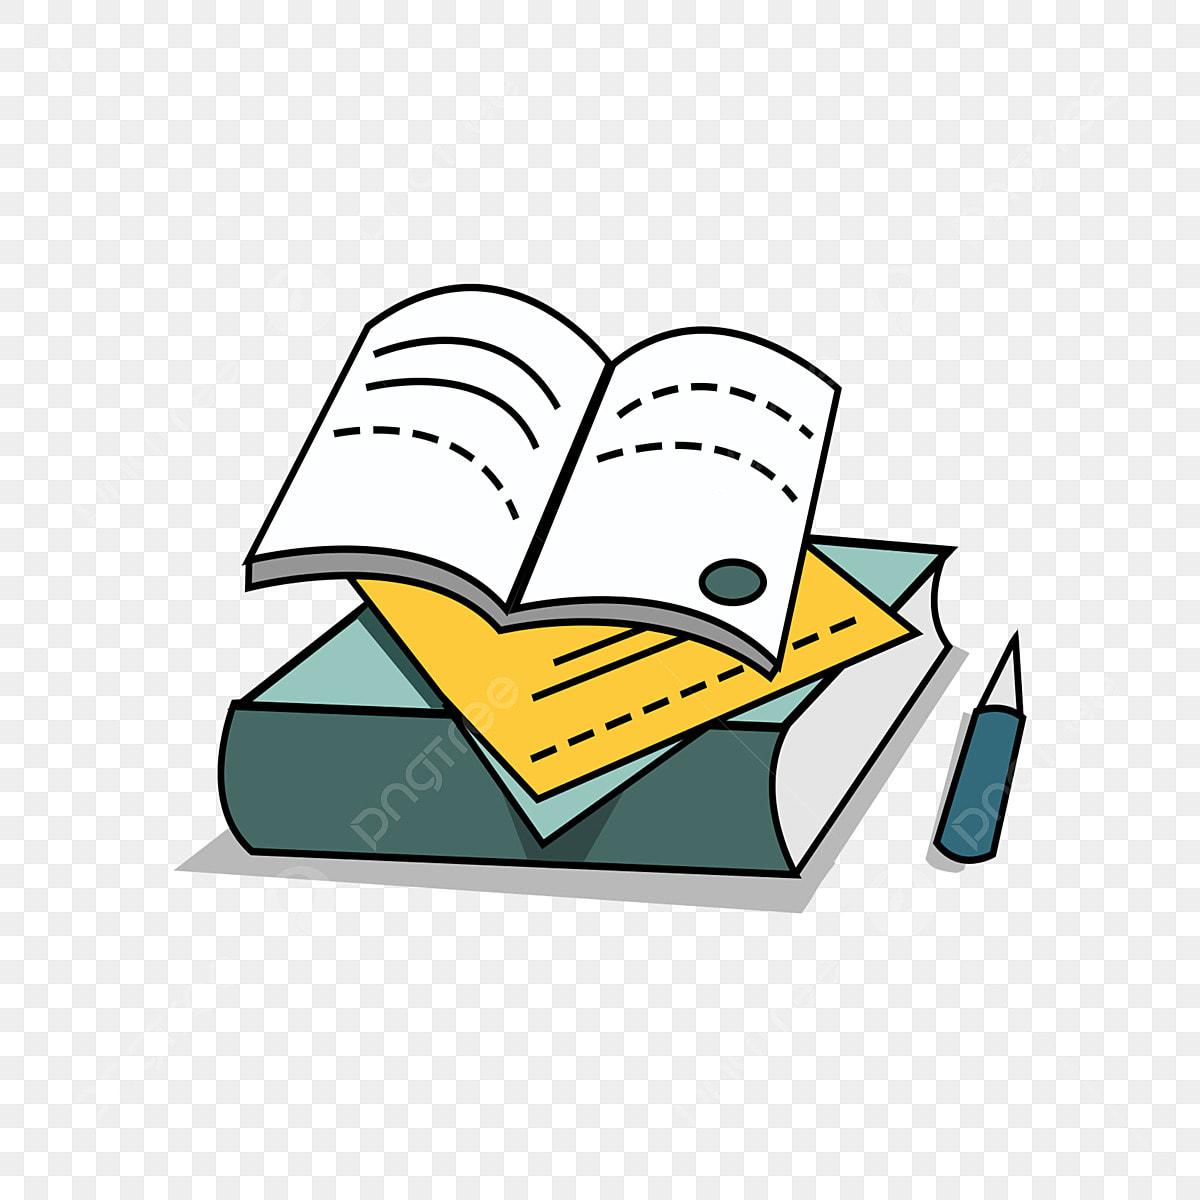 كومة من الكتب كتاب مفتوح رسوم متحركة مرسومة باليد قلم رصاص كومة من الكتب الكرتون خطوط Png وملف Psd للتحميل مجانا